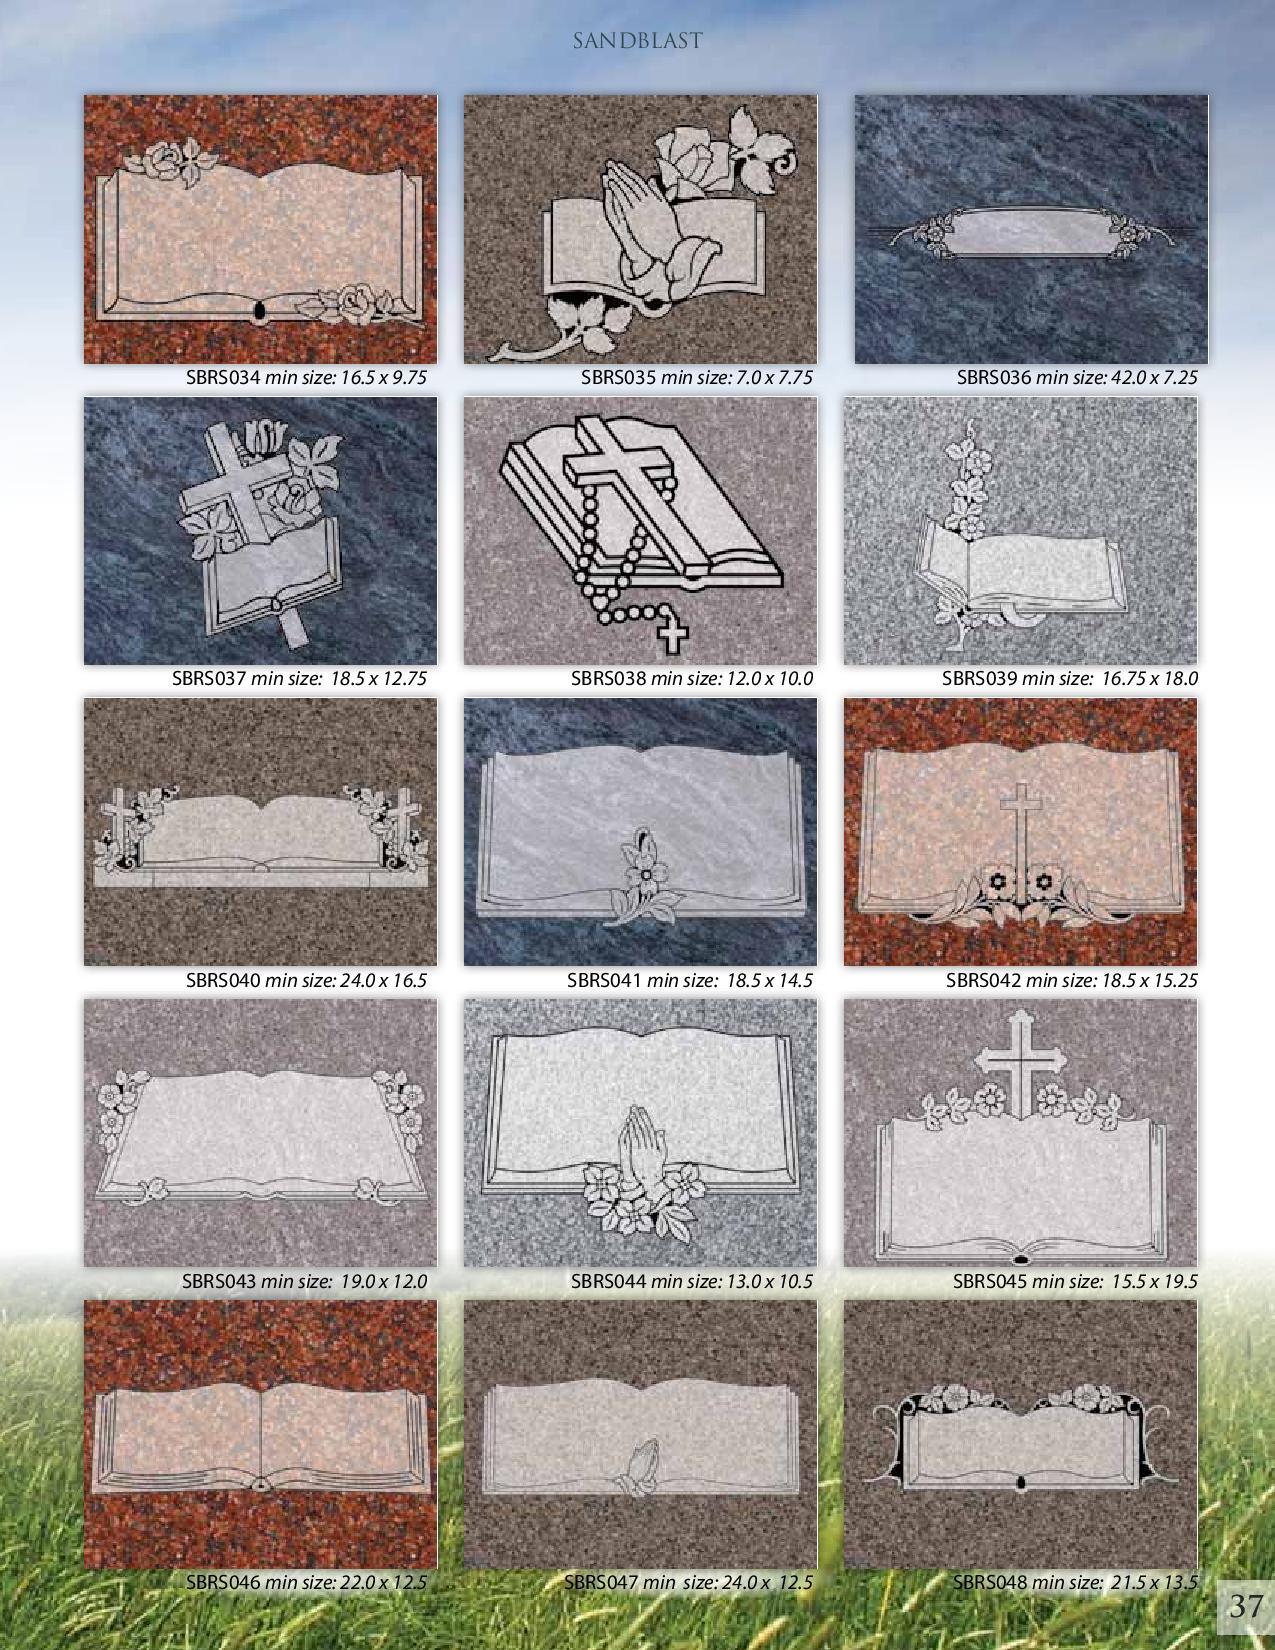 Sandblastcatalog 3915_selected-pages (1)-page-037.jpg